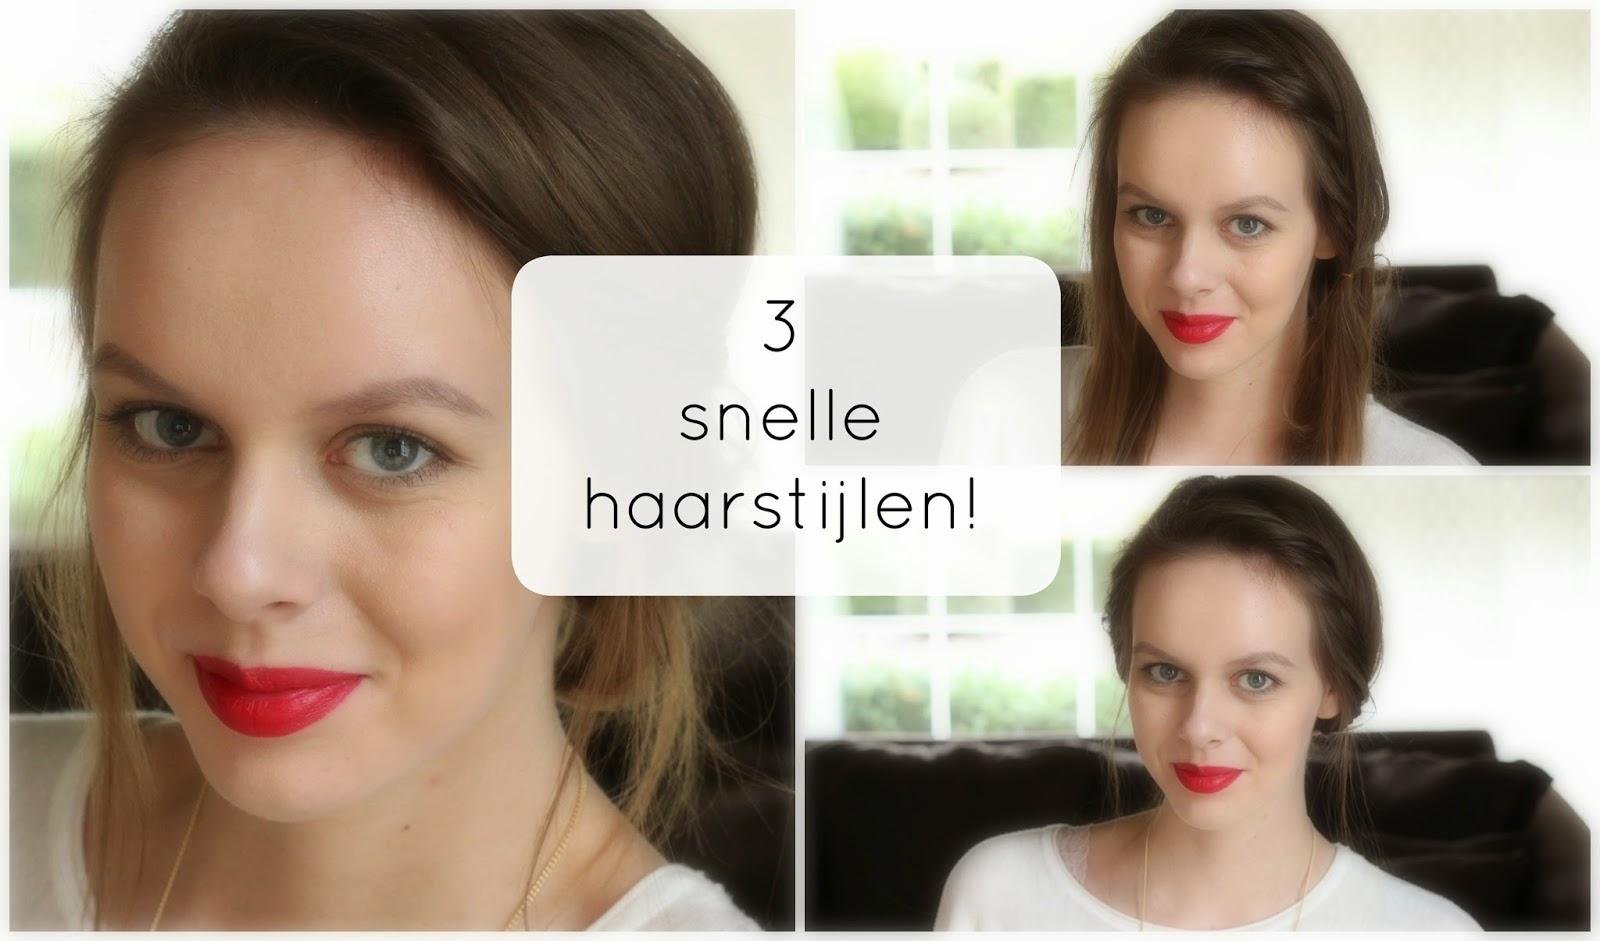 3 snelle haarstijlen